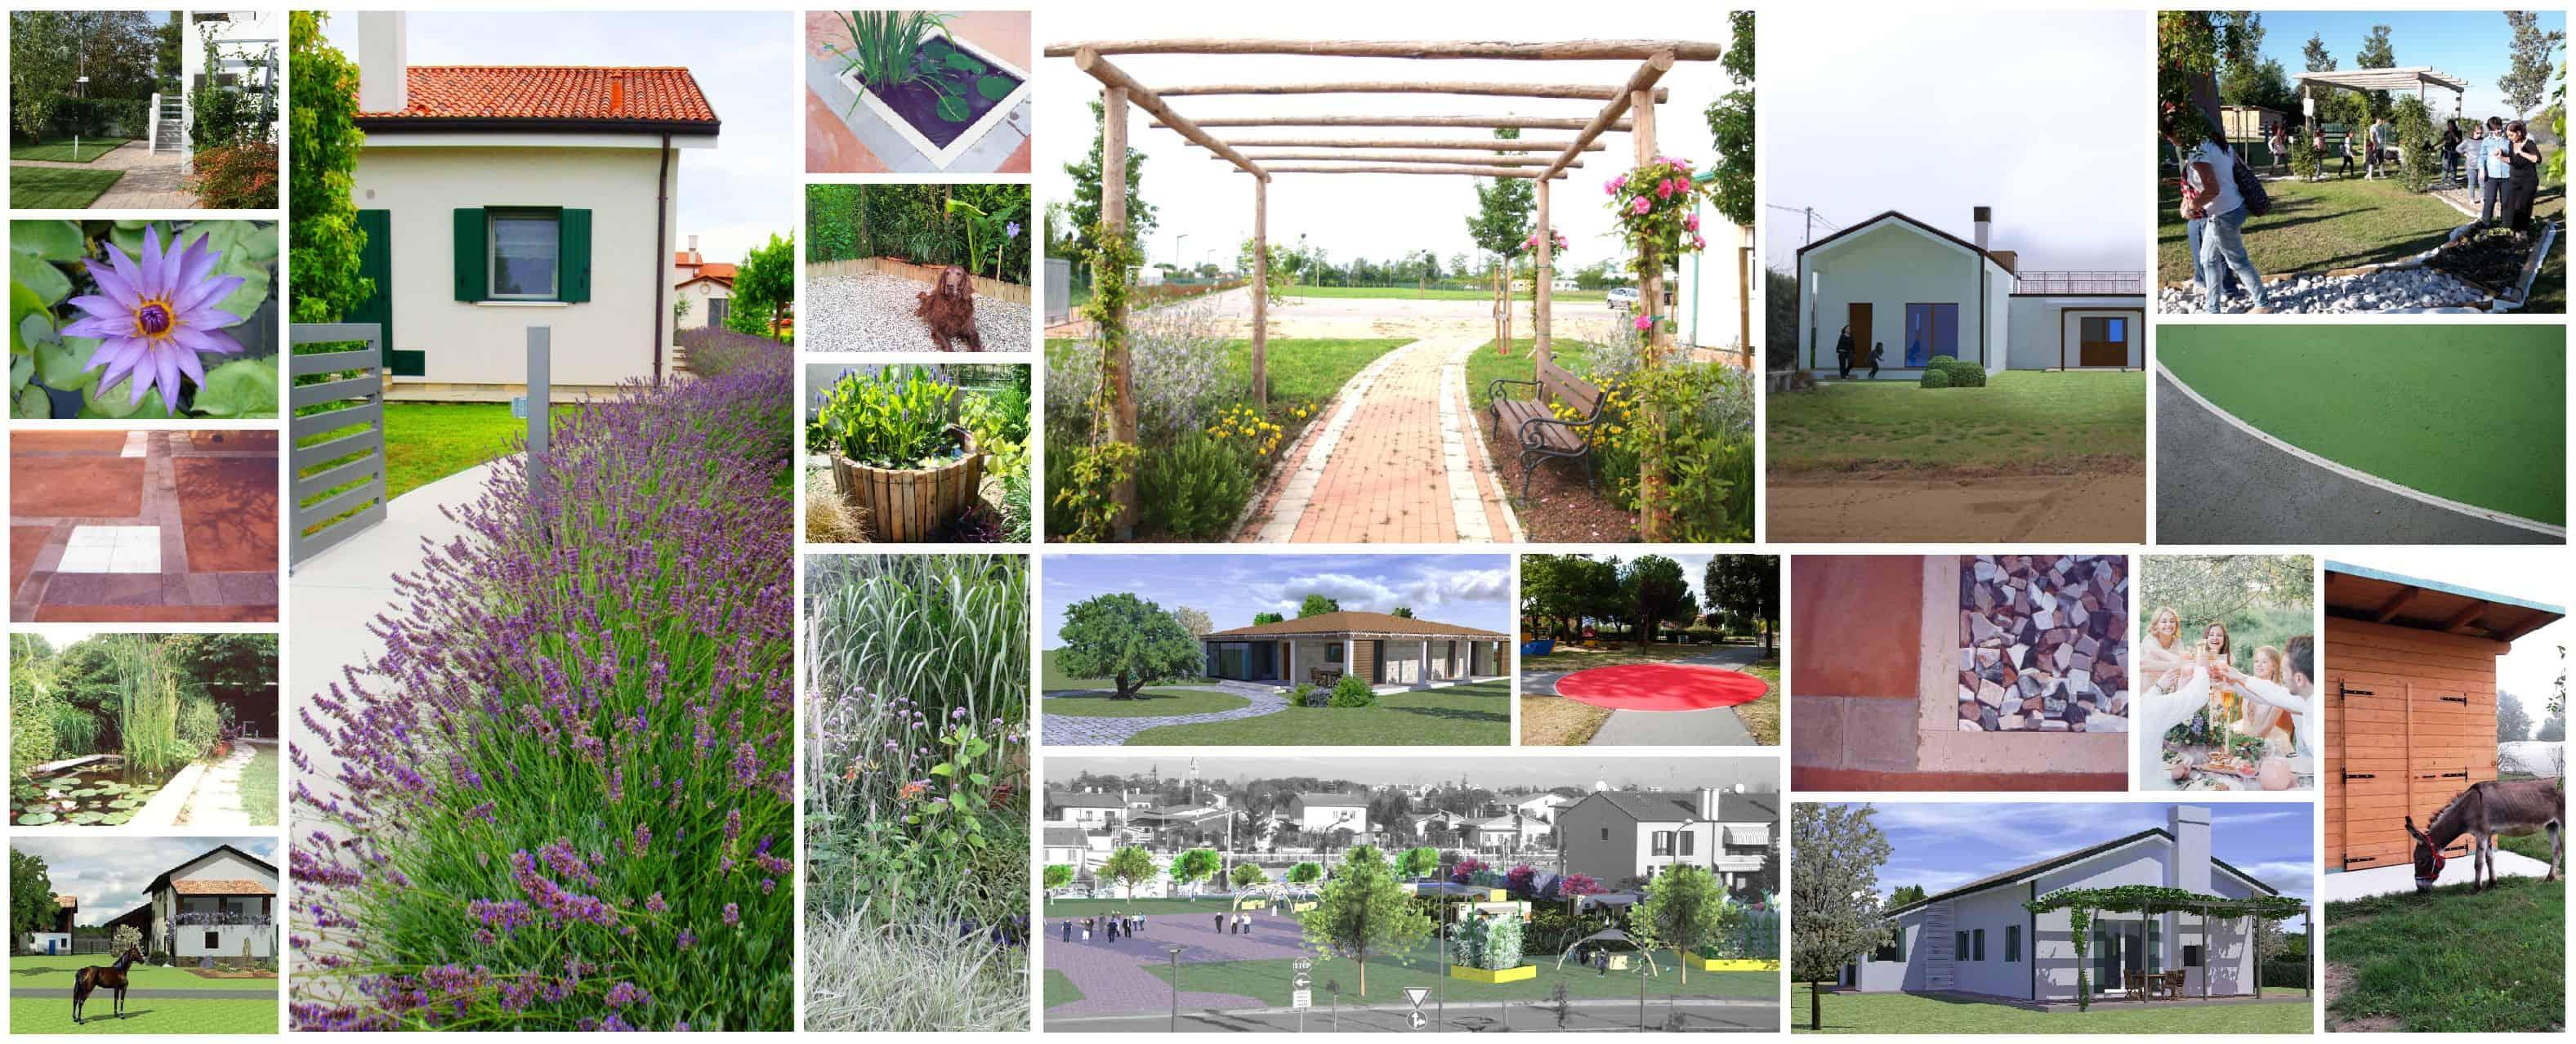 Architettura Del Verde architetto-del-verde-e-dei-giardini - paolo nardin architetto